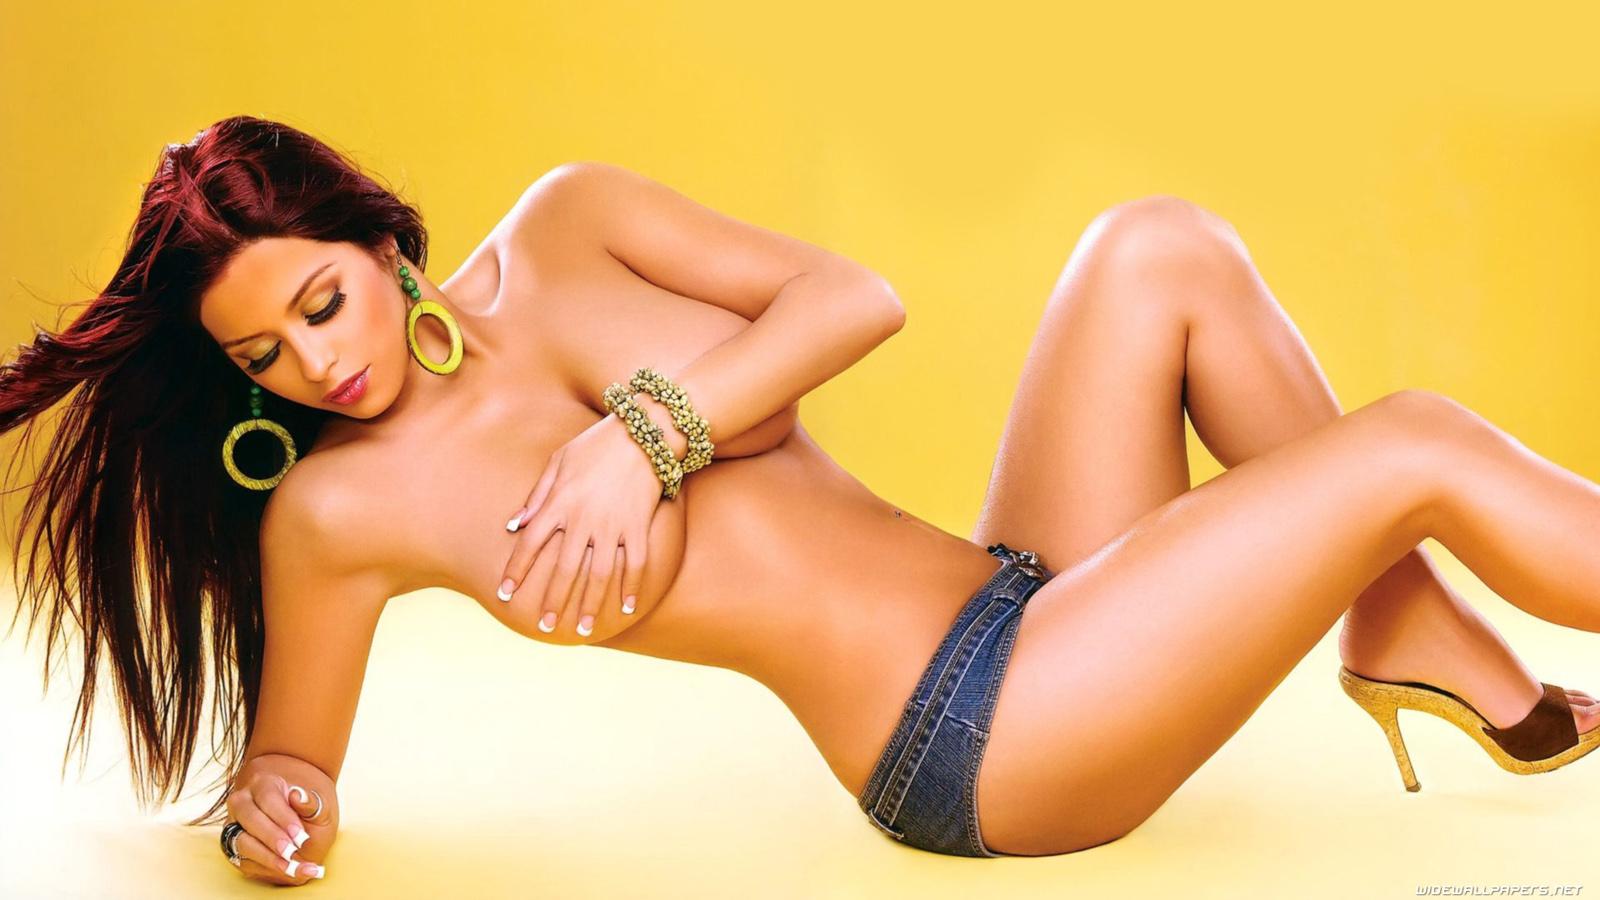 http://3.bp.blogspot.com/-m5oahgrgCEg/T93oQ_vzrcI/AAAAAAAACuc/vlc4V-IH8G0/s1600/wide-wallpaper-1600x900-143.jpg